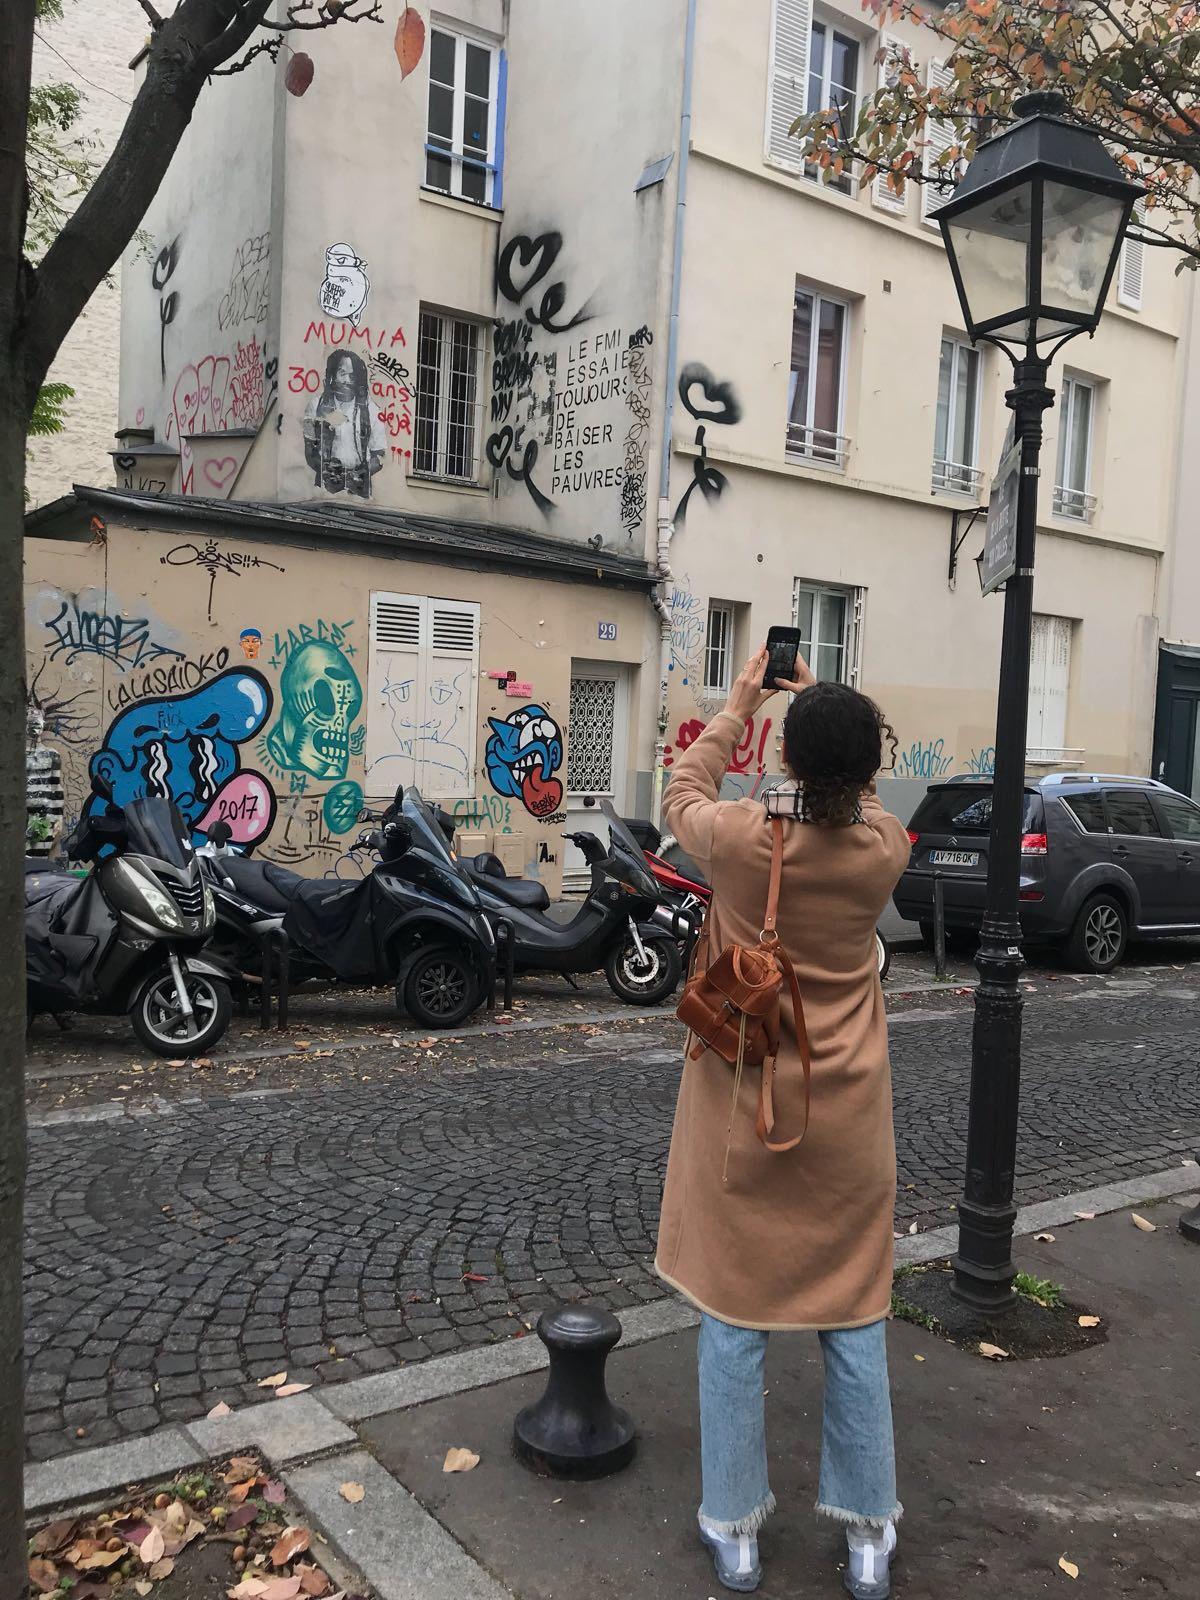 Butte aux cailles Paris visit 10